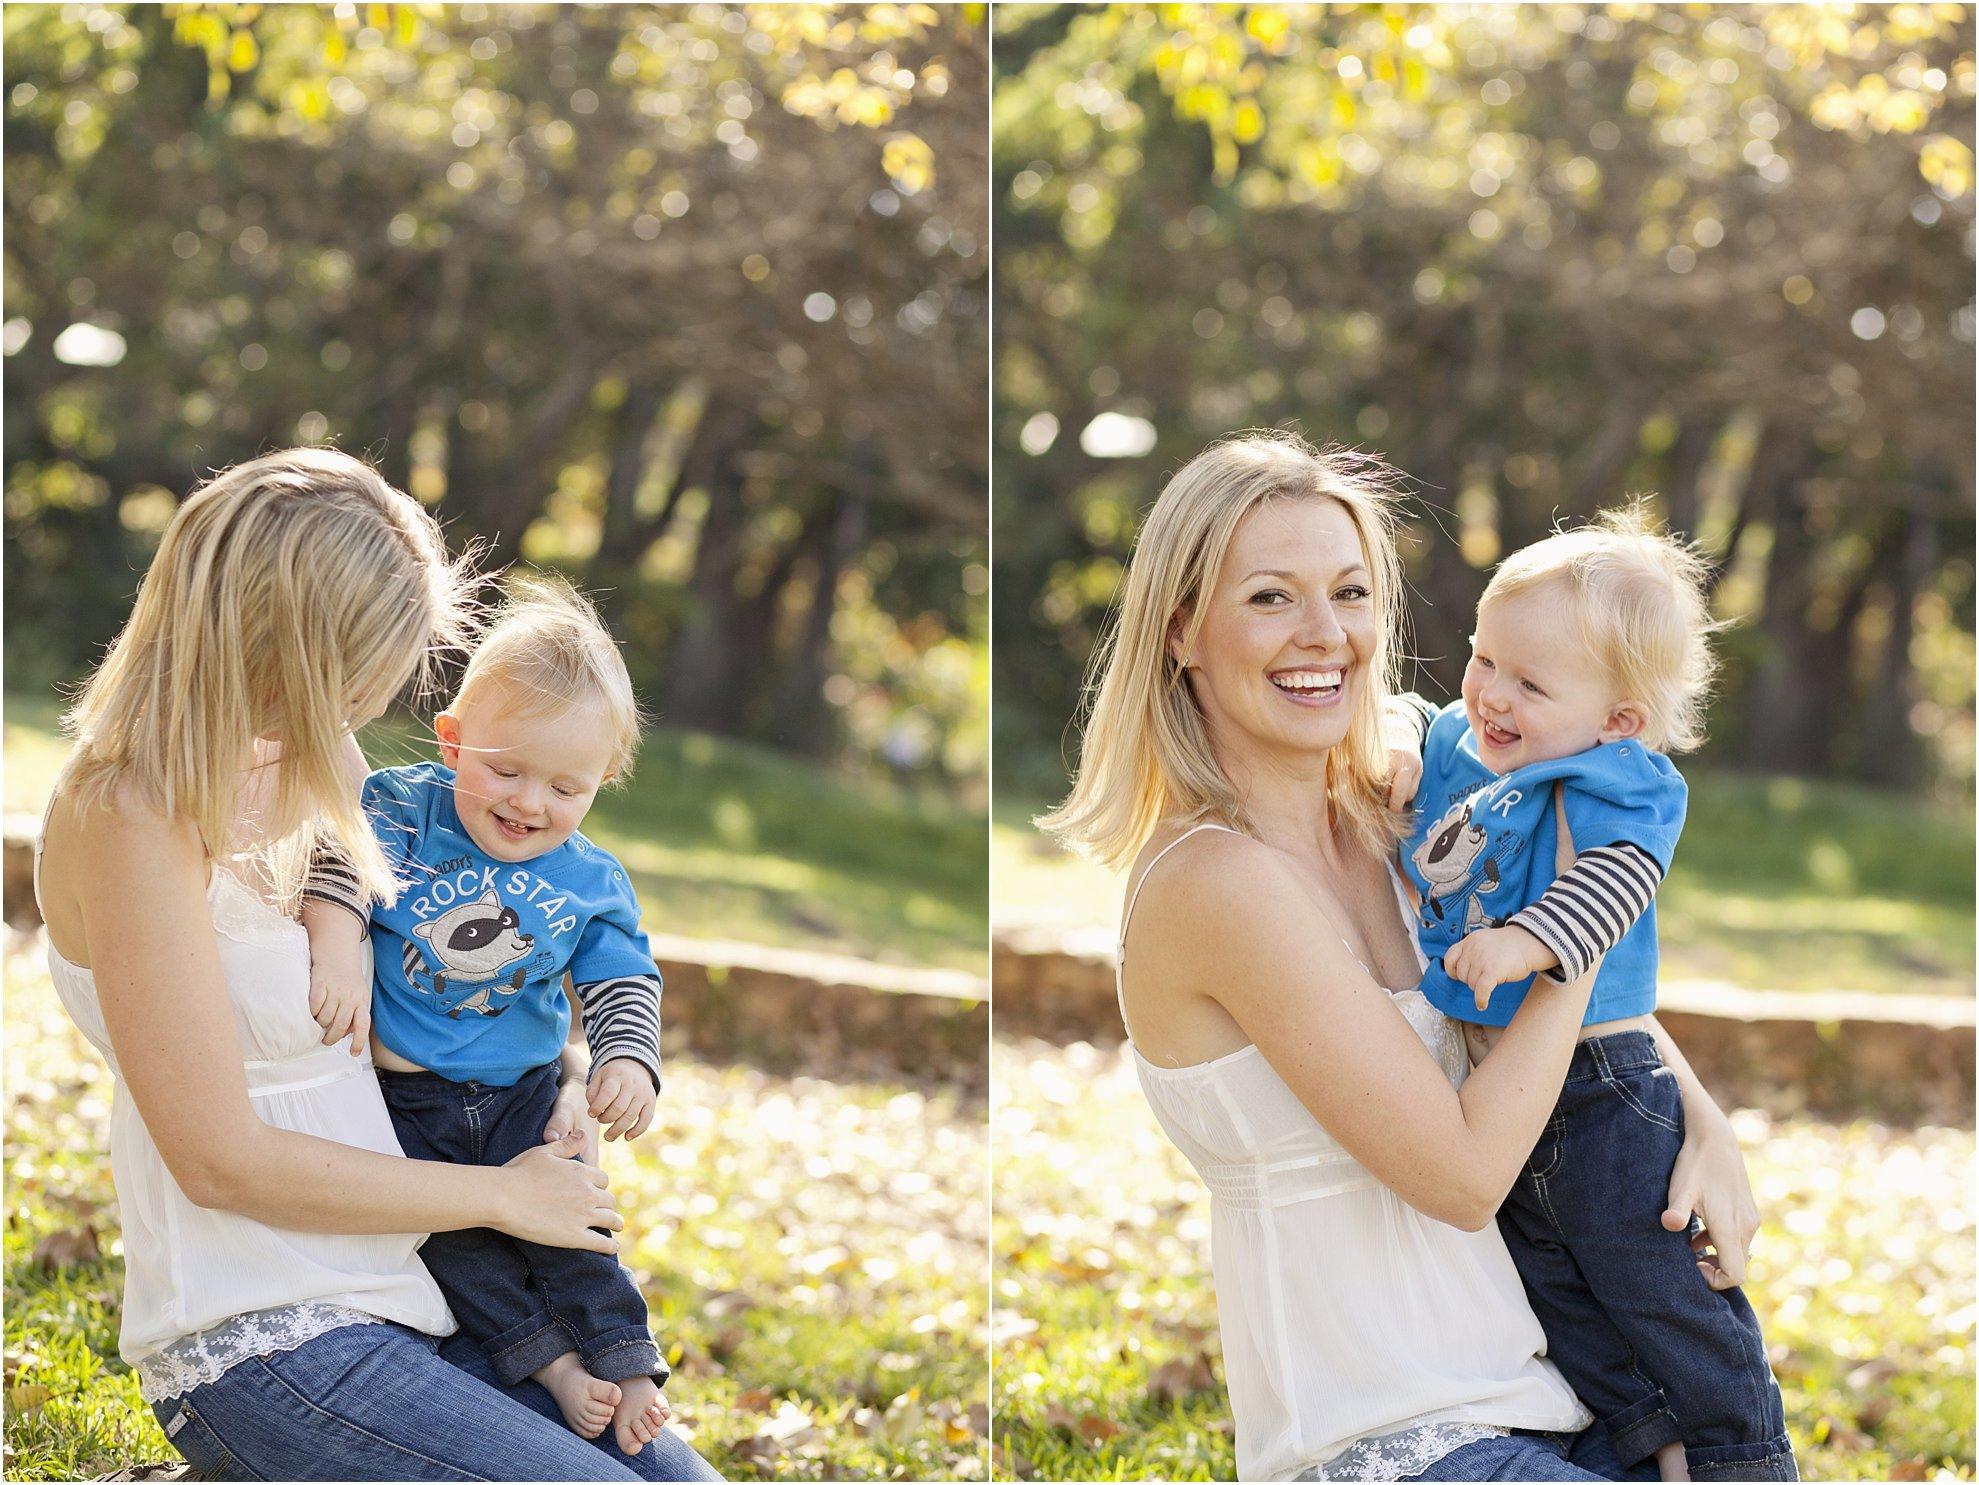 FIONA CLAIR PHOTOGRAPHY Bryan & Stacey Rennie 06 06 2013_0353